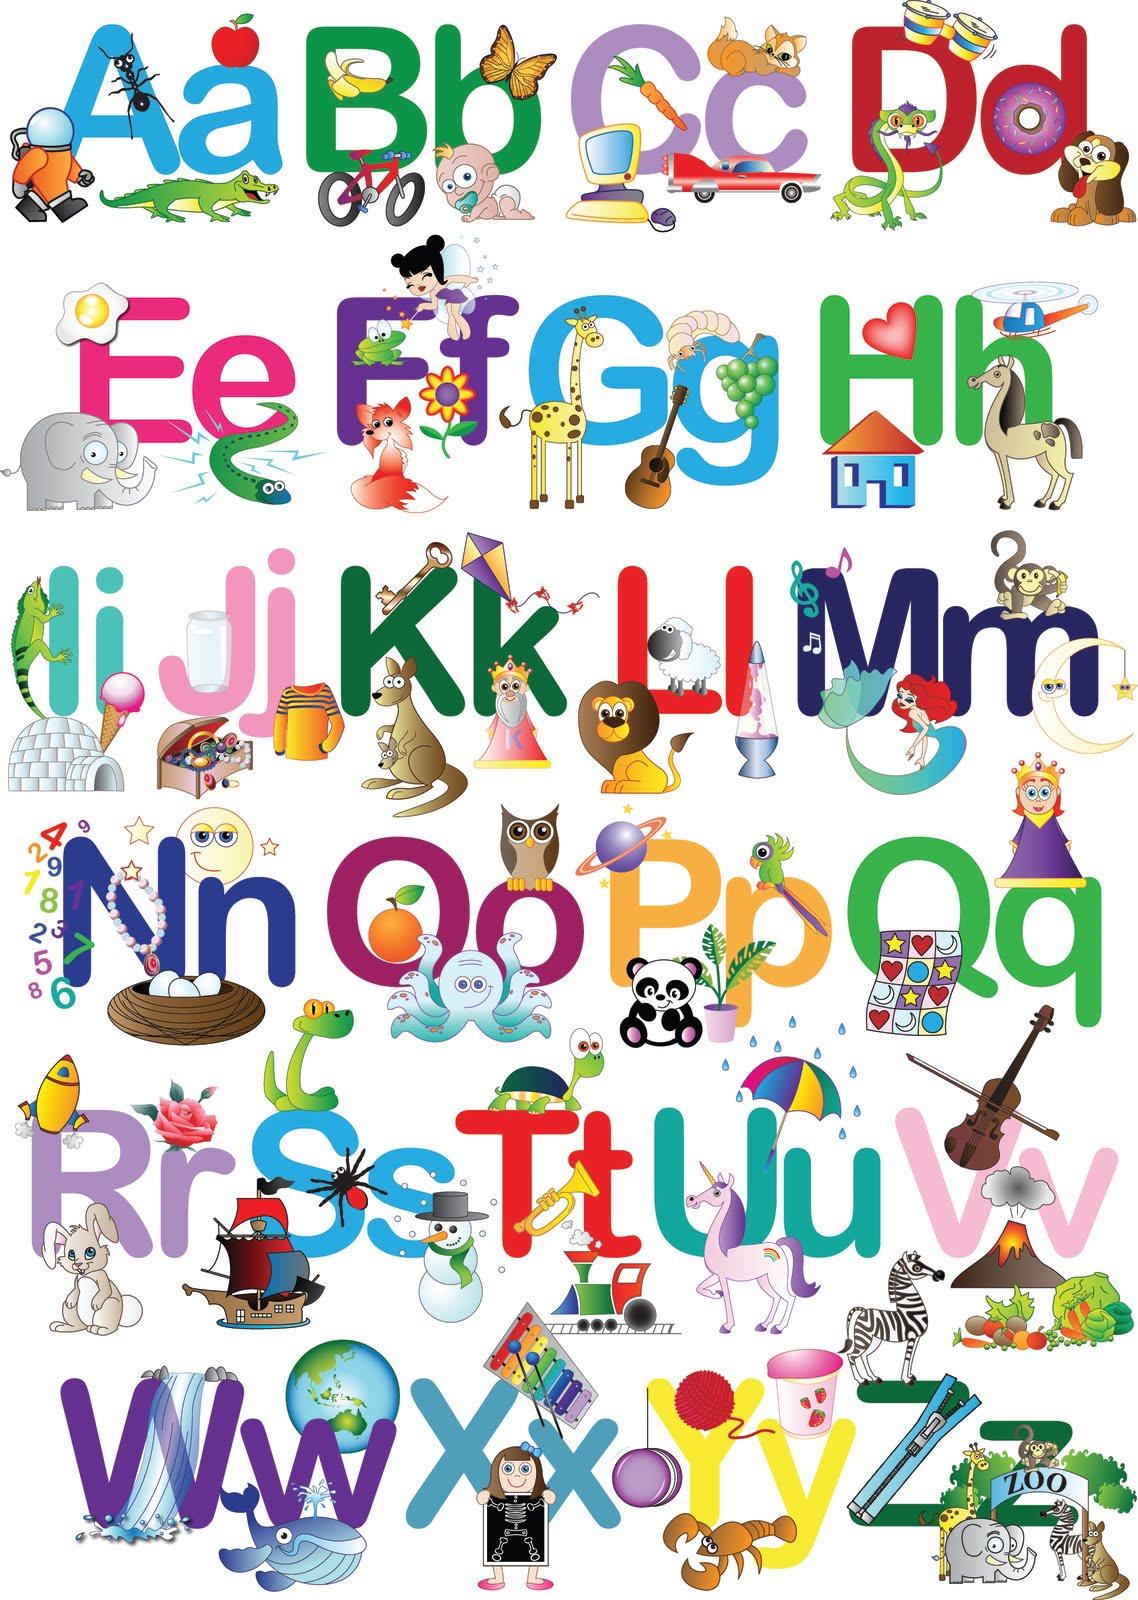 http://4.bp.blogspot.com/_eNOoIC0OnOY/TD_dclyoXeI/AAAAAAAAABg/xJvjQvkuo1U/s1600/alphabet%2Bposter.jpg